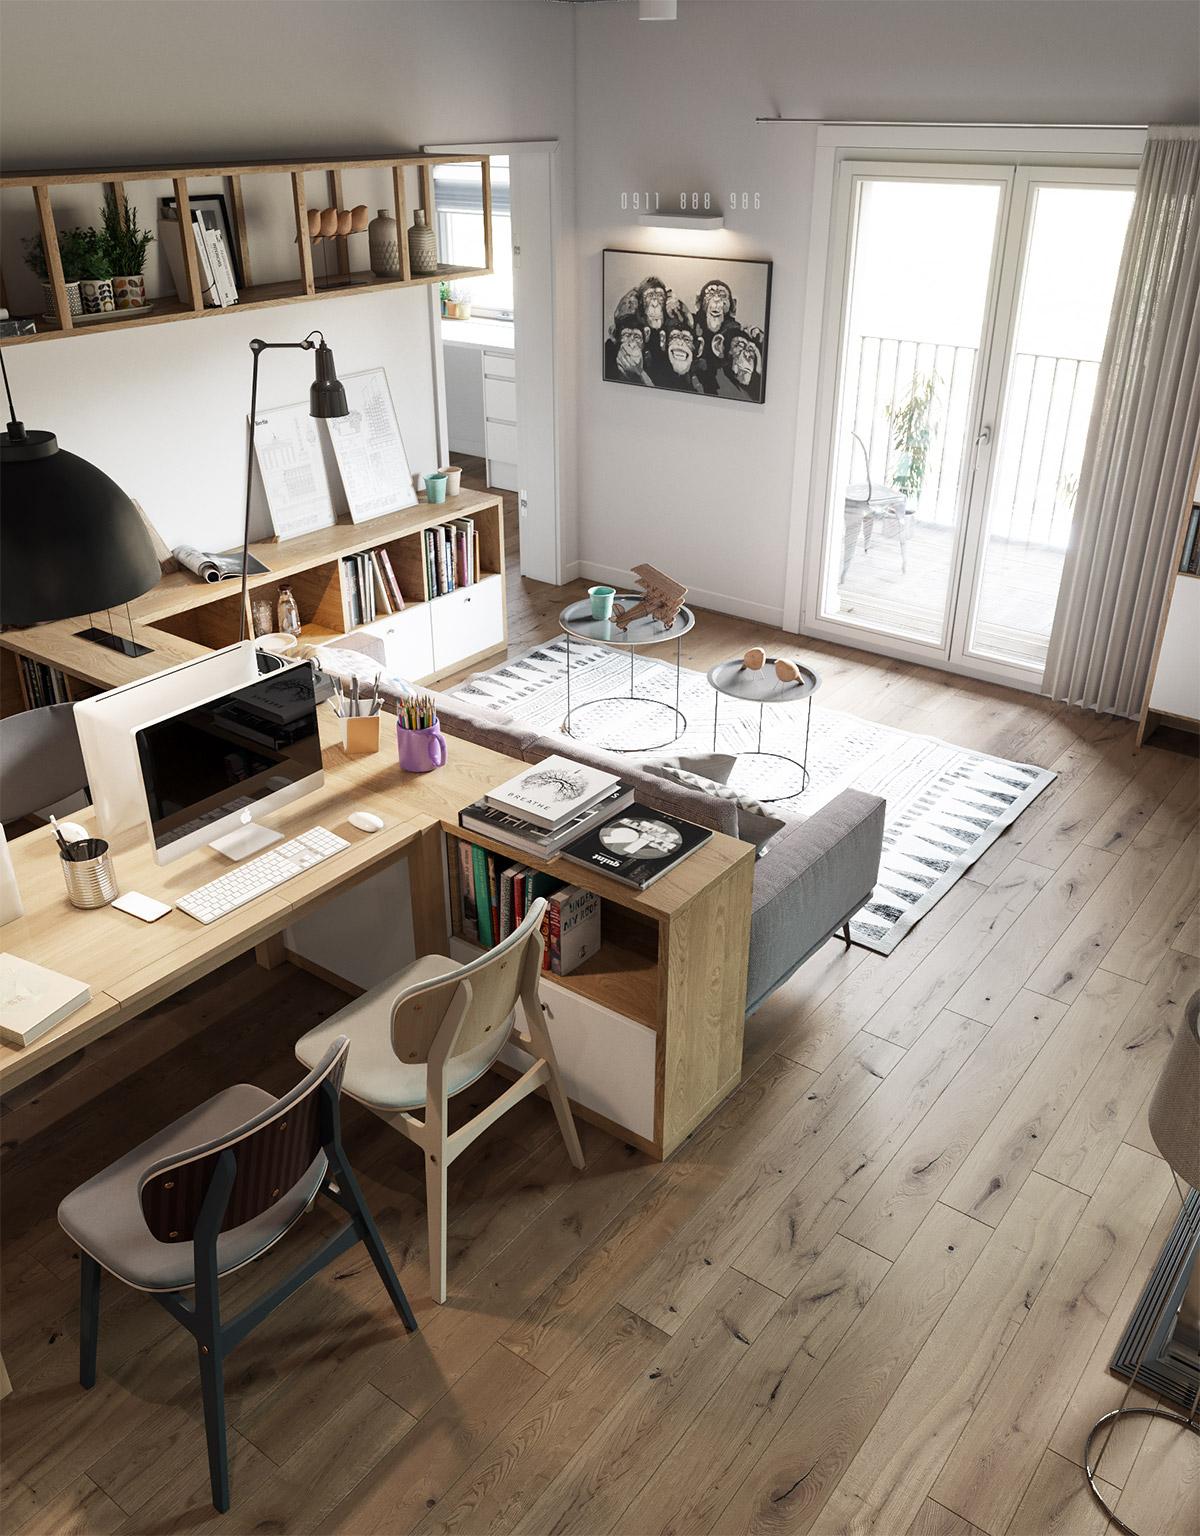 ห้องรับแขกสวยๆ แบบที่ 2 ห้องรับแขกสมัยใหม่ เน้นฟังก์ชัน นั่งทำงานได้